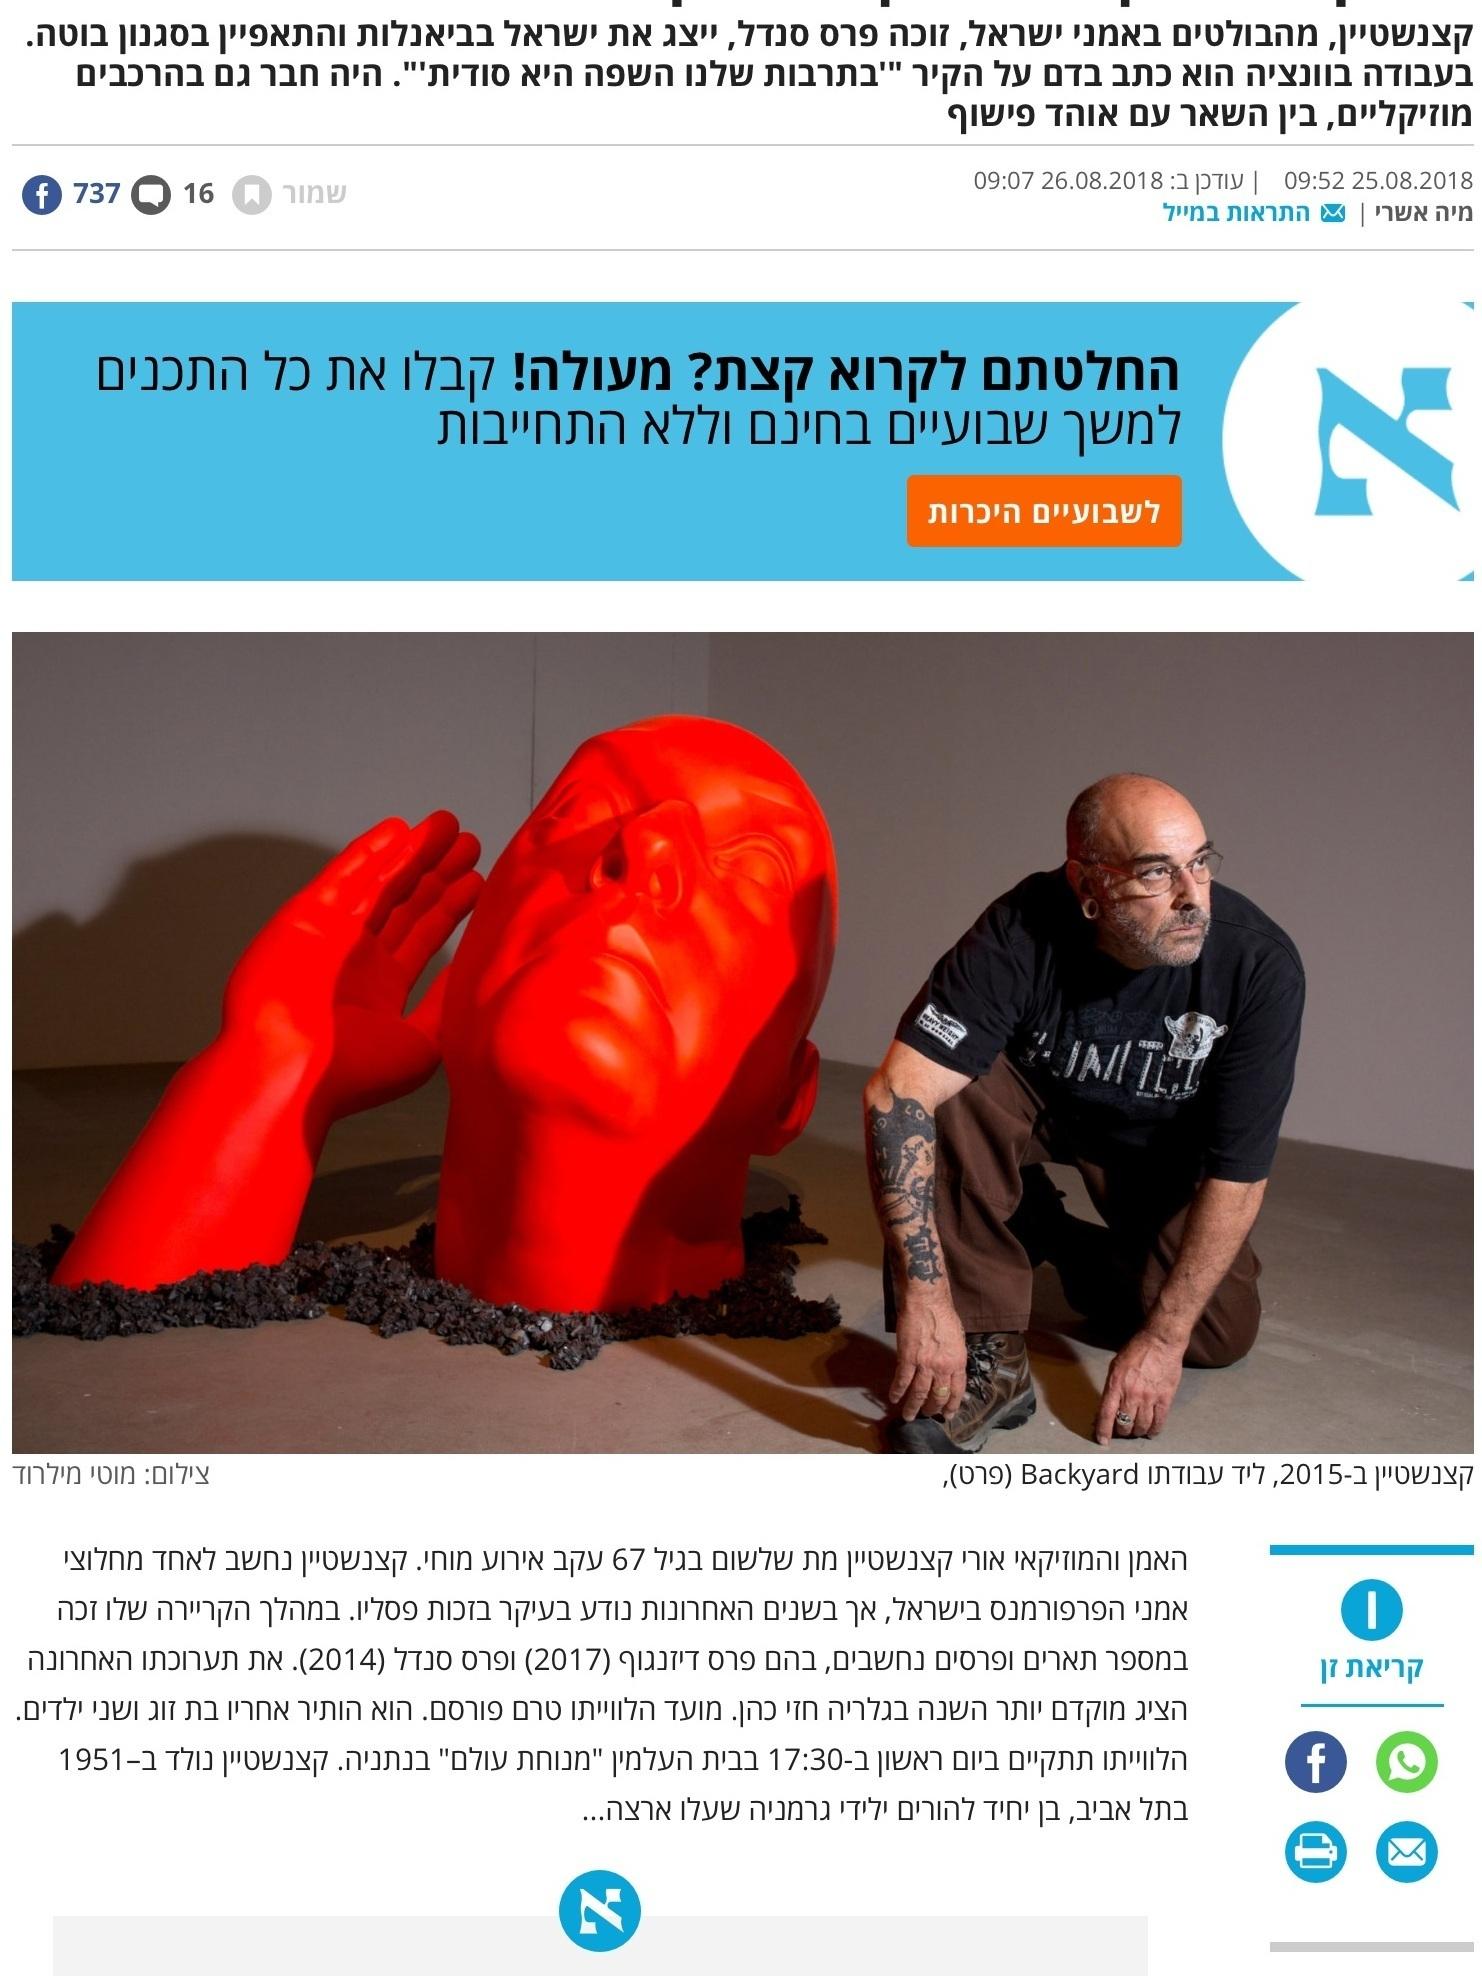 2018.08.25_Uri%252BKatzenstein_Haaretz%252BCo_hebrew_2.jpg